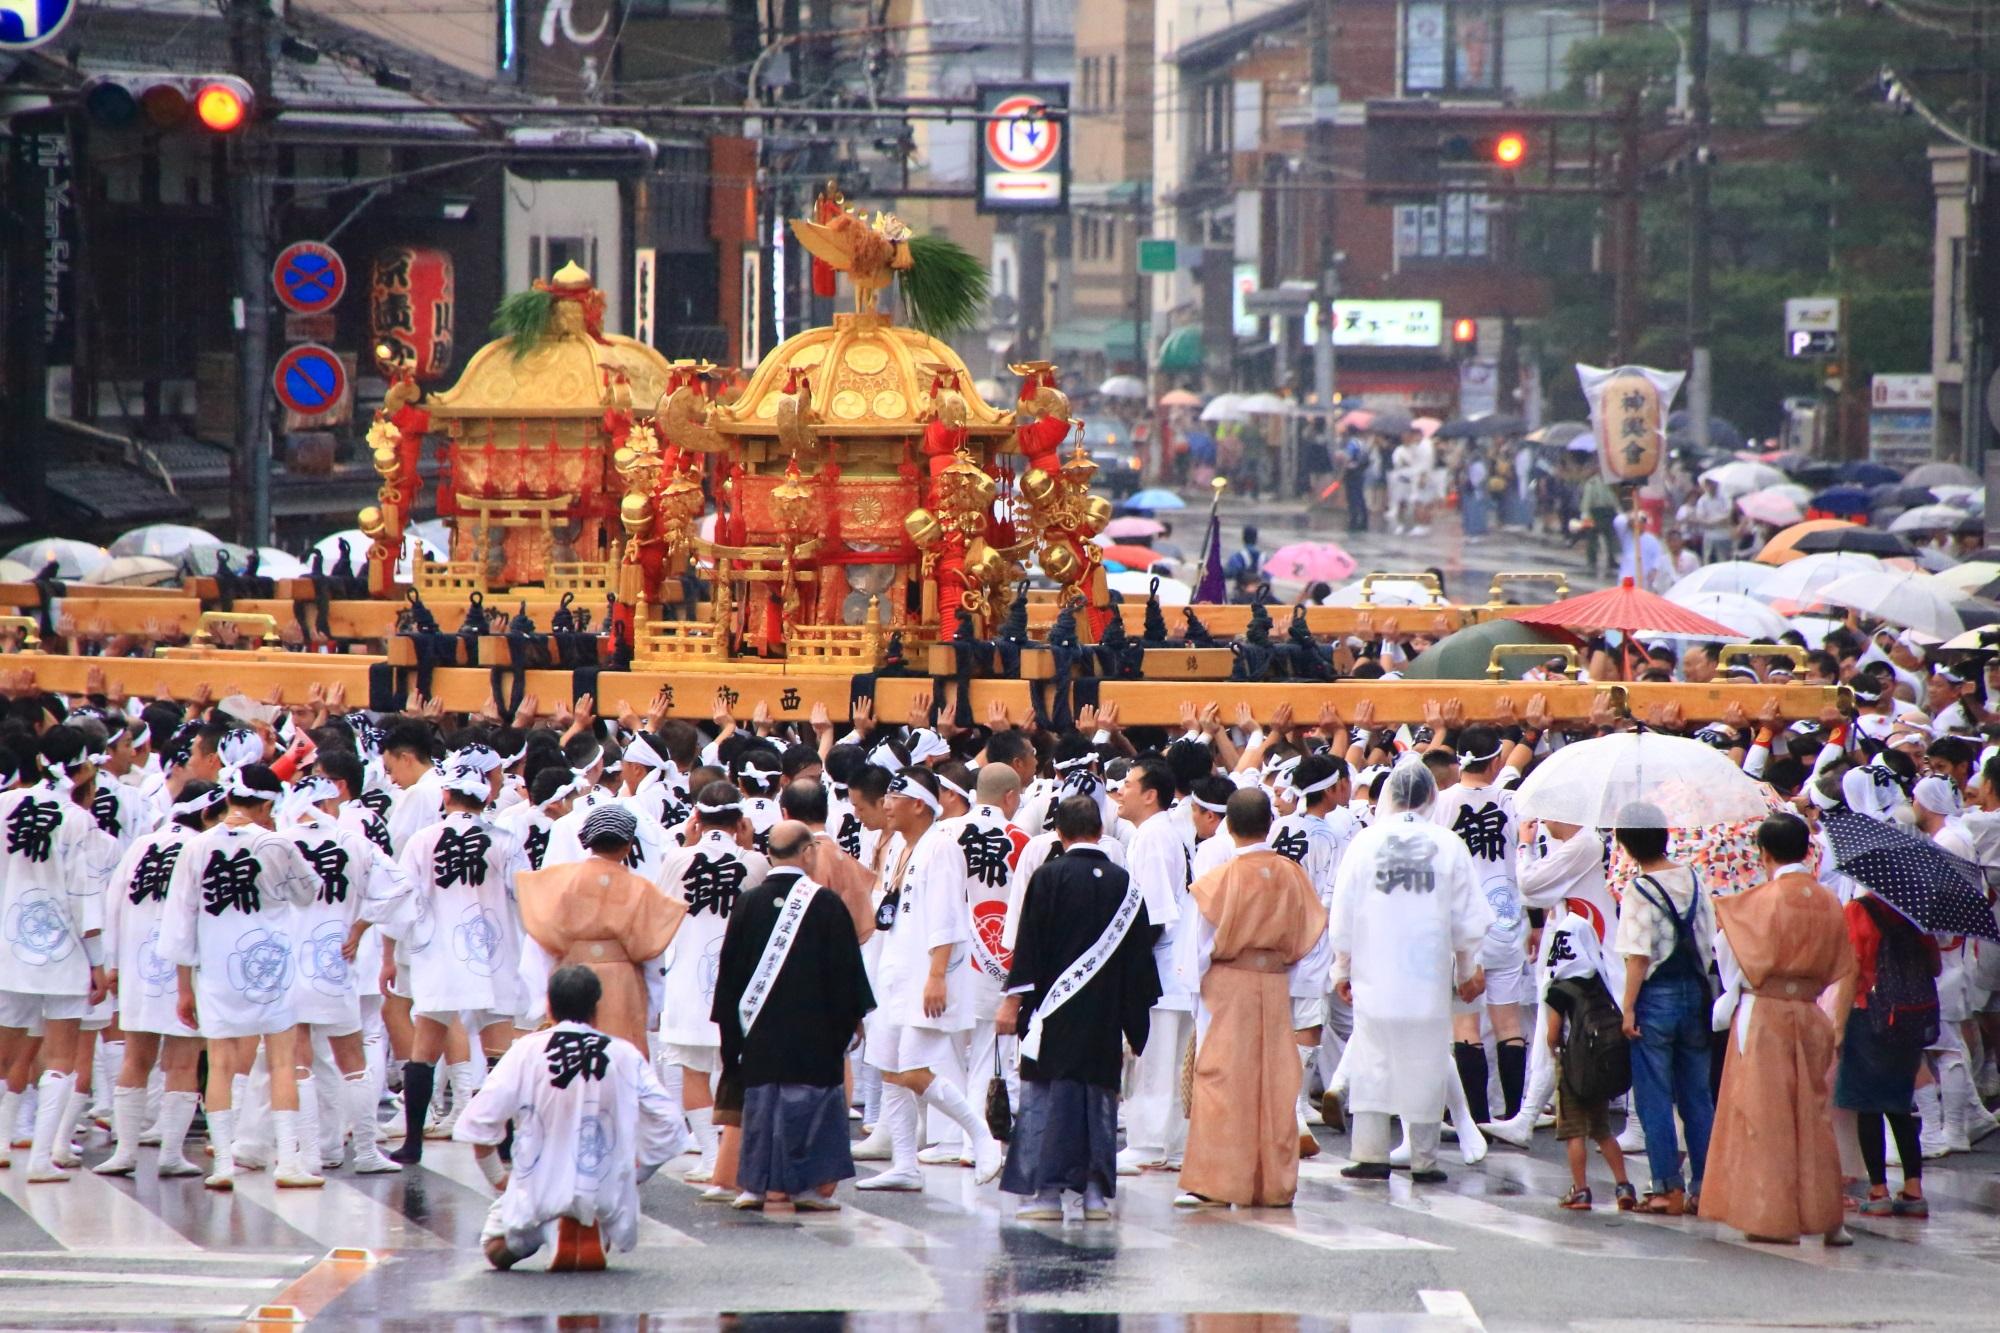 神輿渡御 祇園祭 日本三大祭 夏